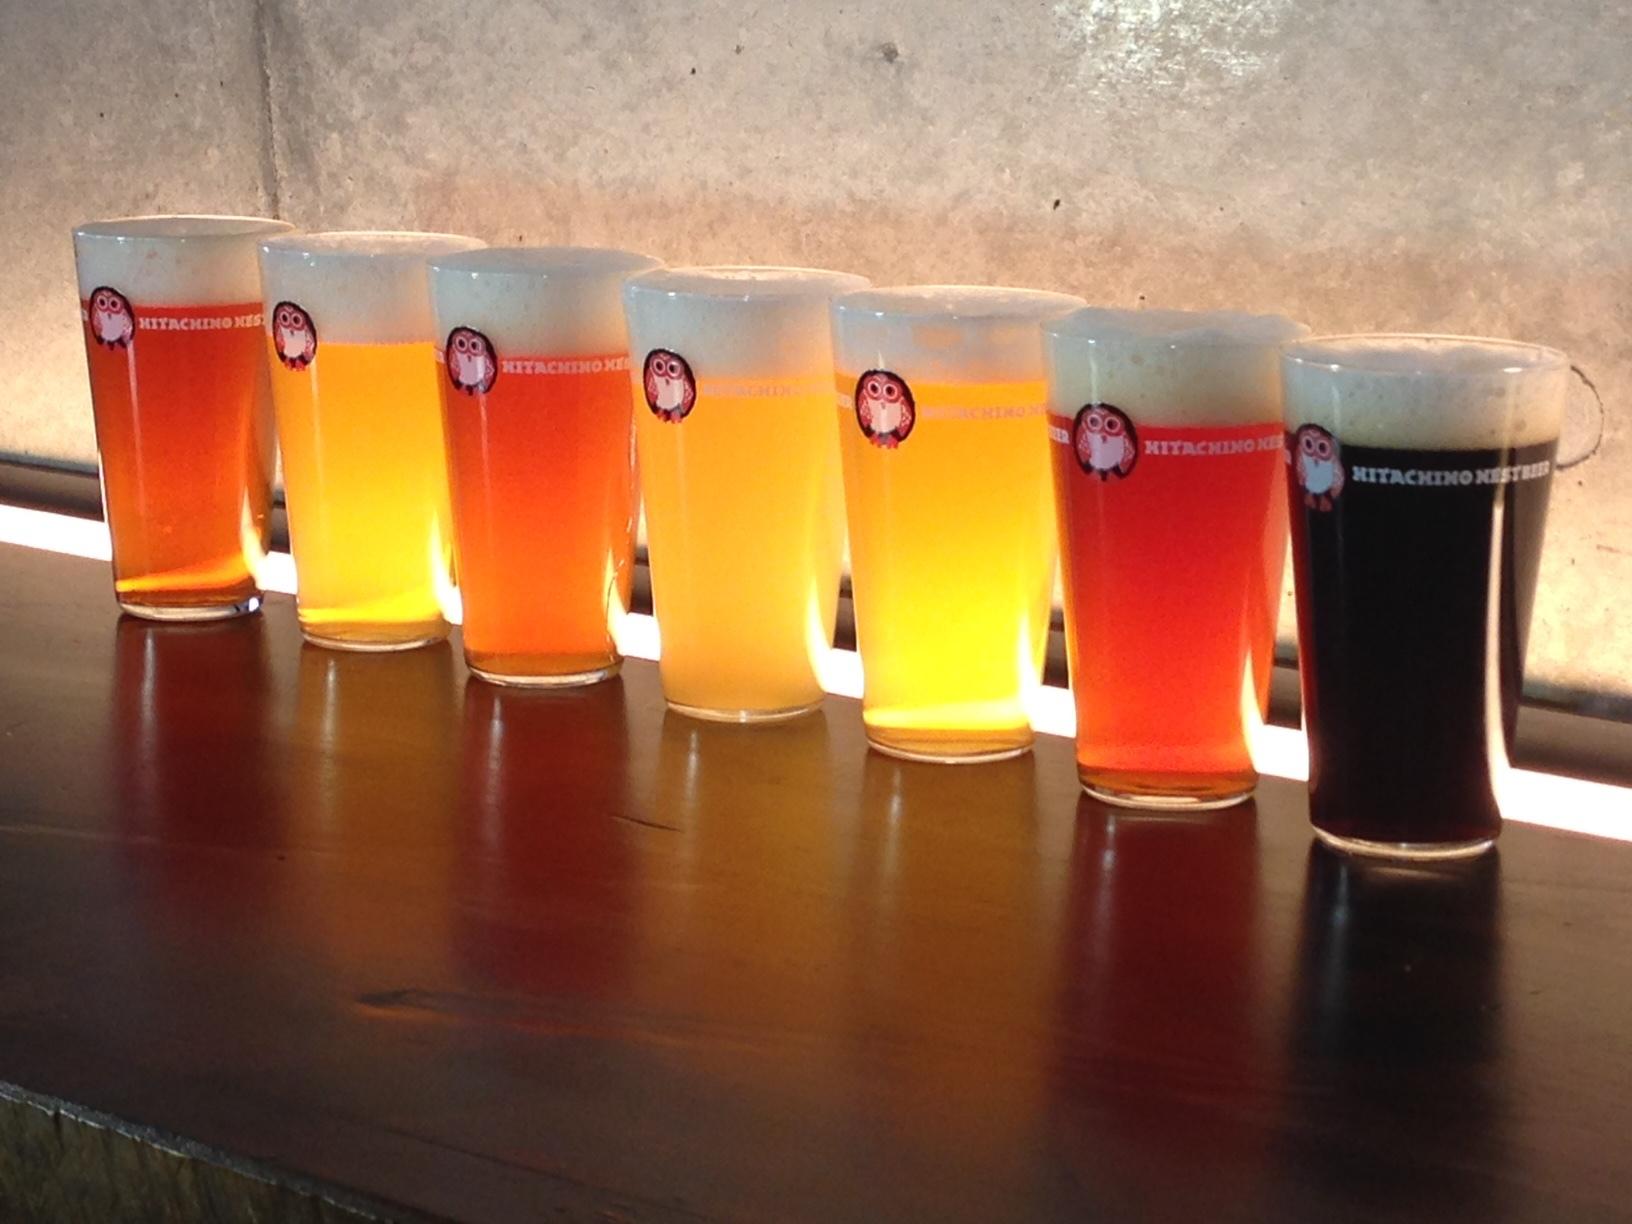 ラボの取材現場にご一緒させていただいてます、ネストさんのビール後光がさしてます✨くうぅ〜飲みたいっ!_c0069047_1545469.jpg